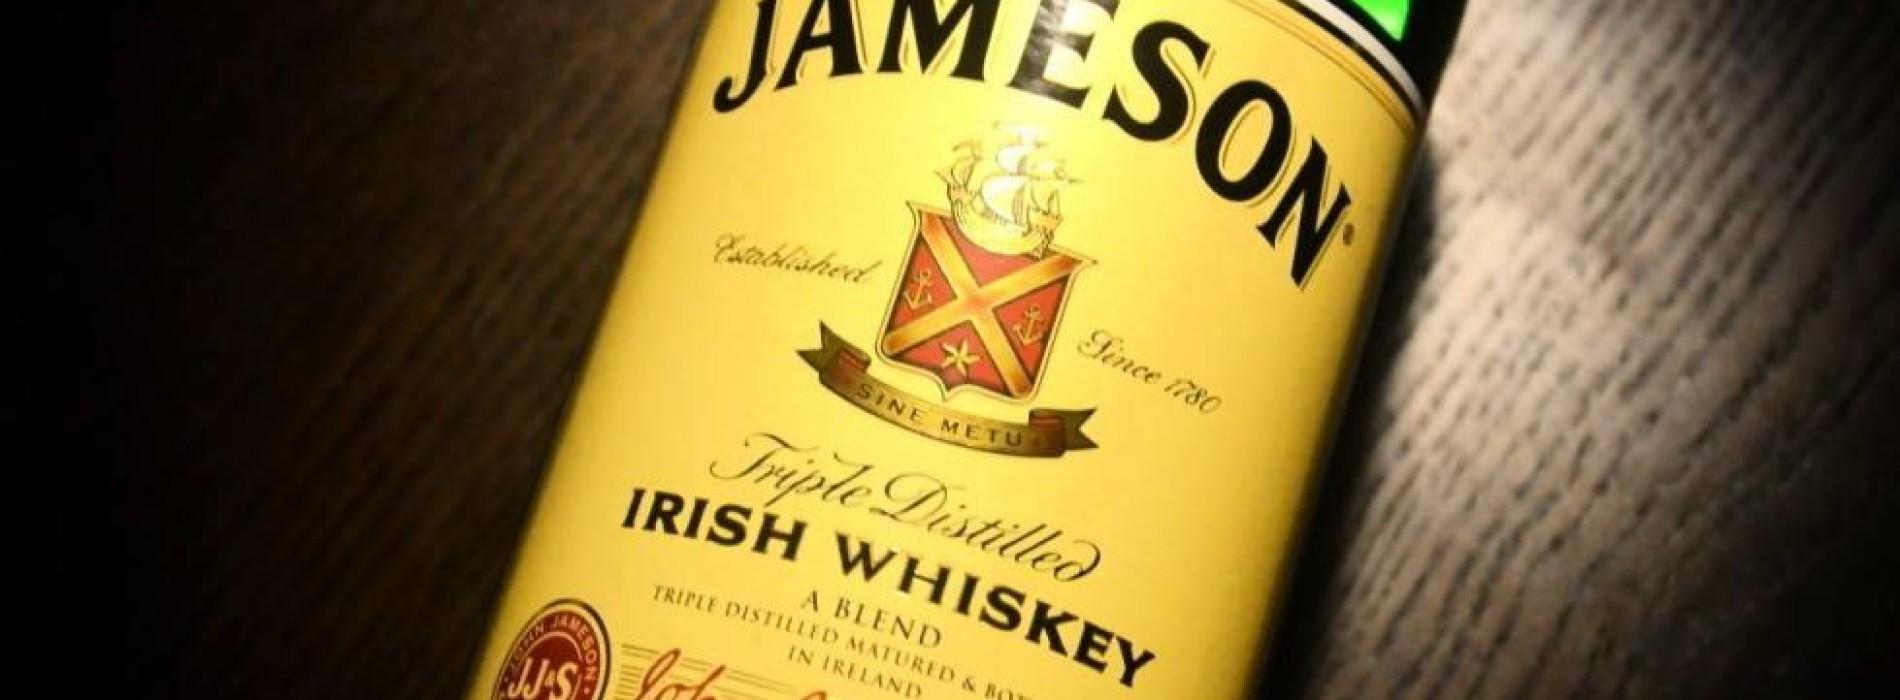 All'Archivio Storico di Napoli una serata dedicata al famoso whisky irlandese